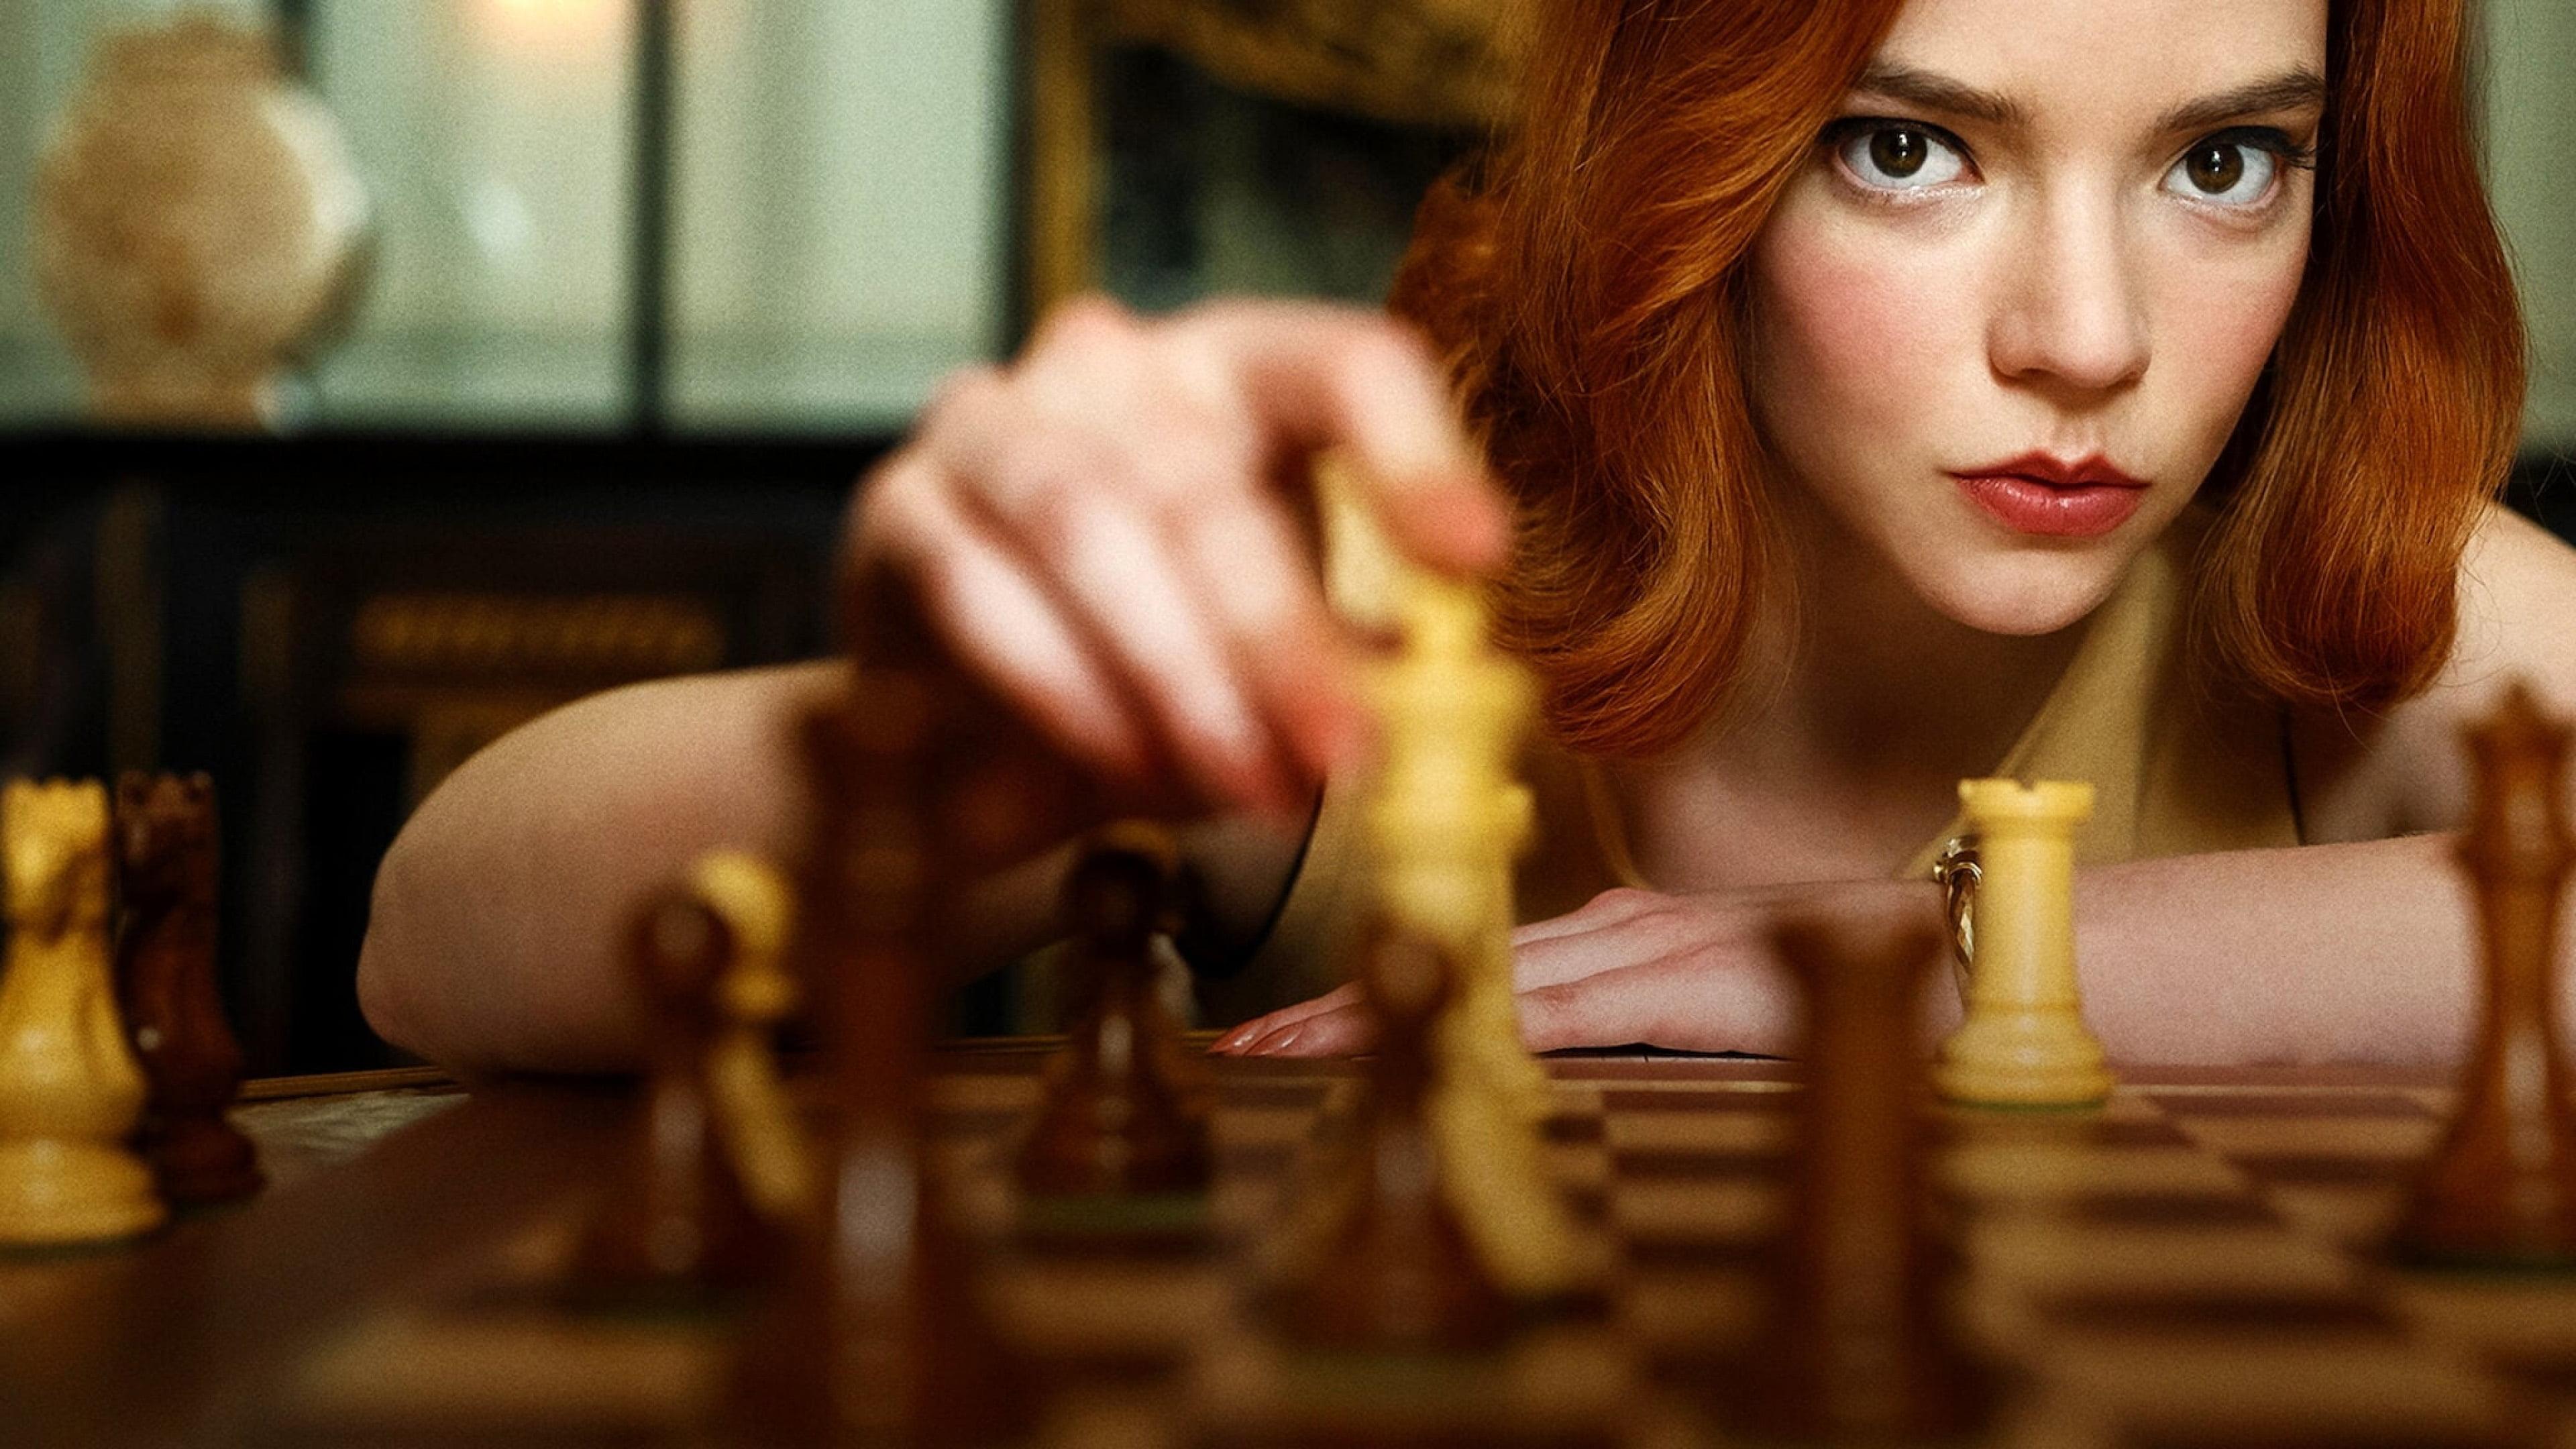 Anya Taylor-Joy joue aux échecs dans la populaire et excellente série TV - The Queens Gambit - crée par Netflix